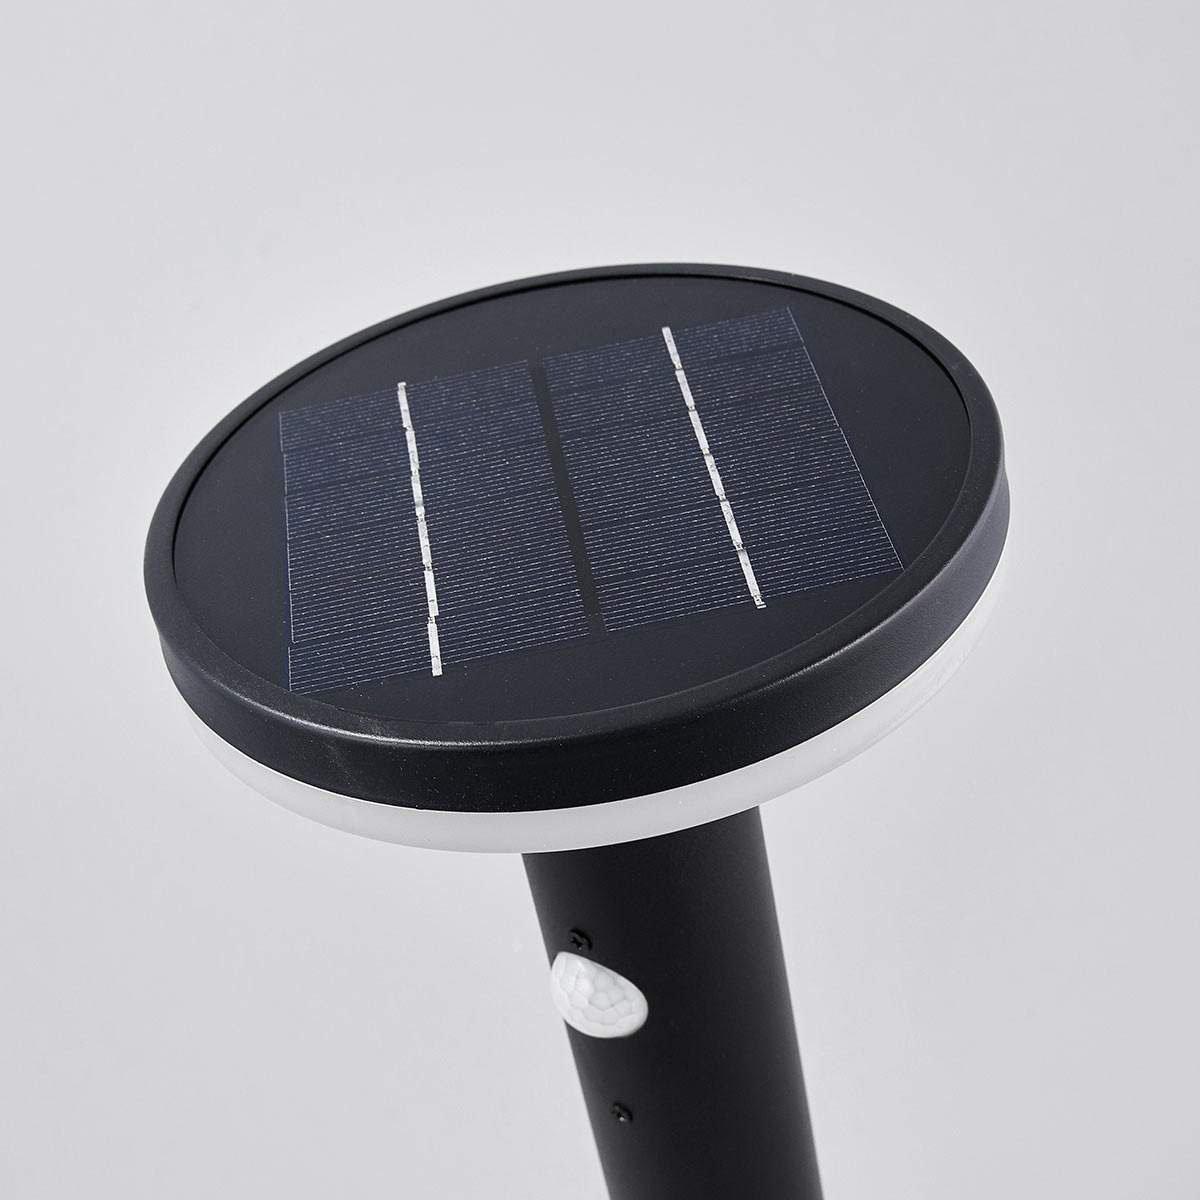 Solar-Sockellampe Eliano mit Bewegungsmelder, 45,5x16x16 cm, Edelstahl, schwarz   #5